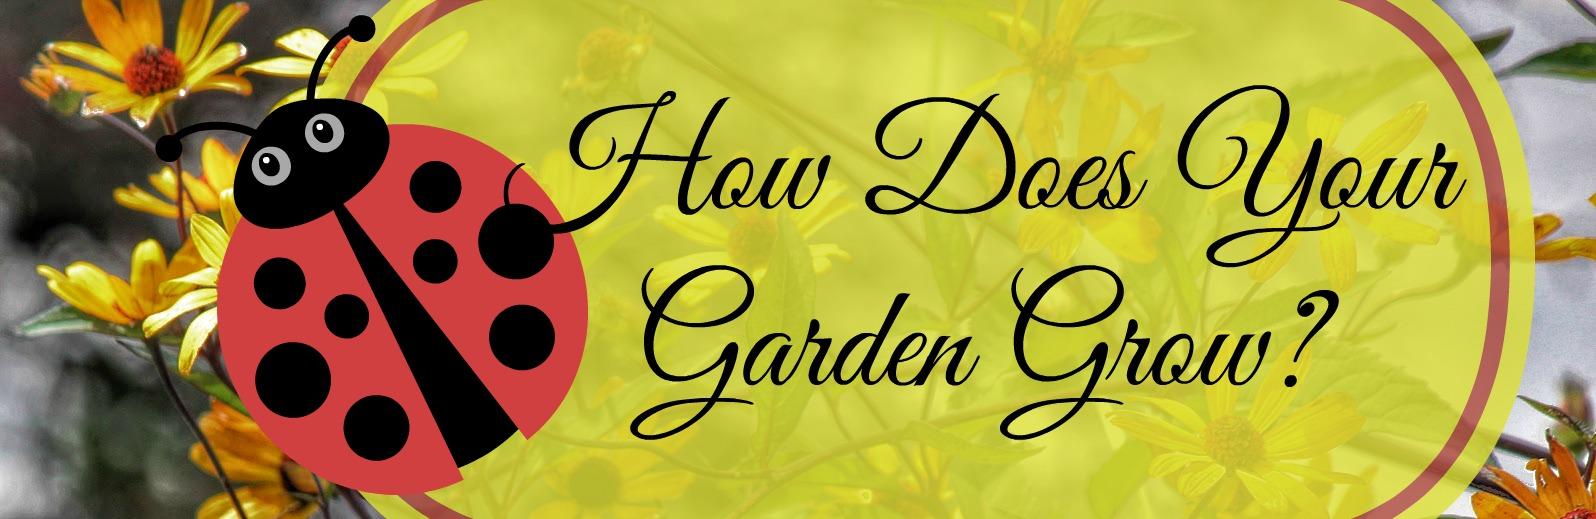 How Make Garden Home